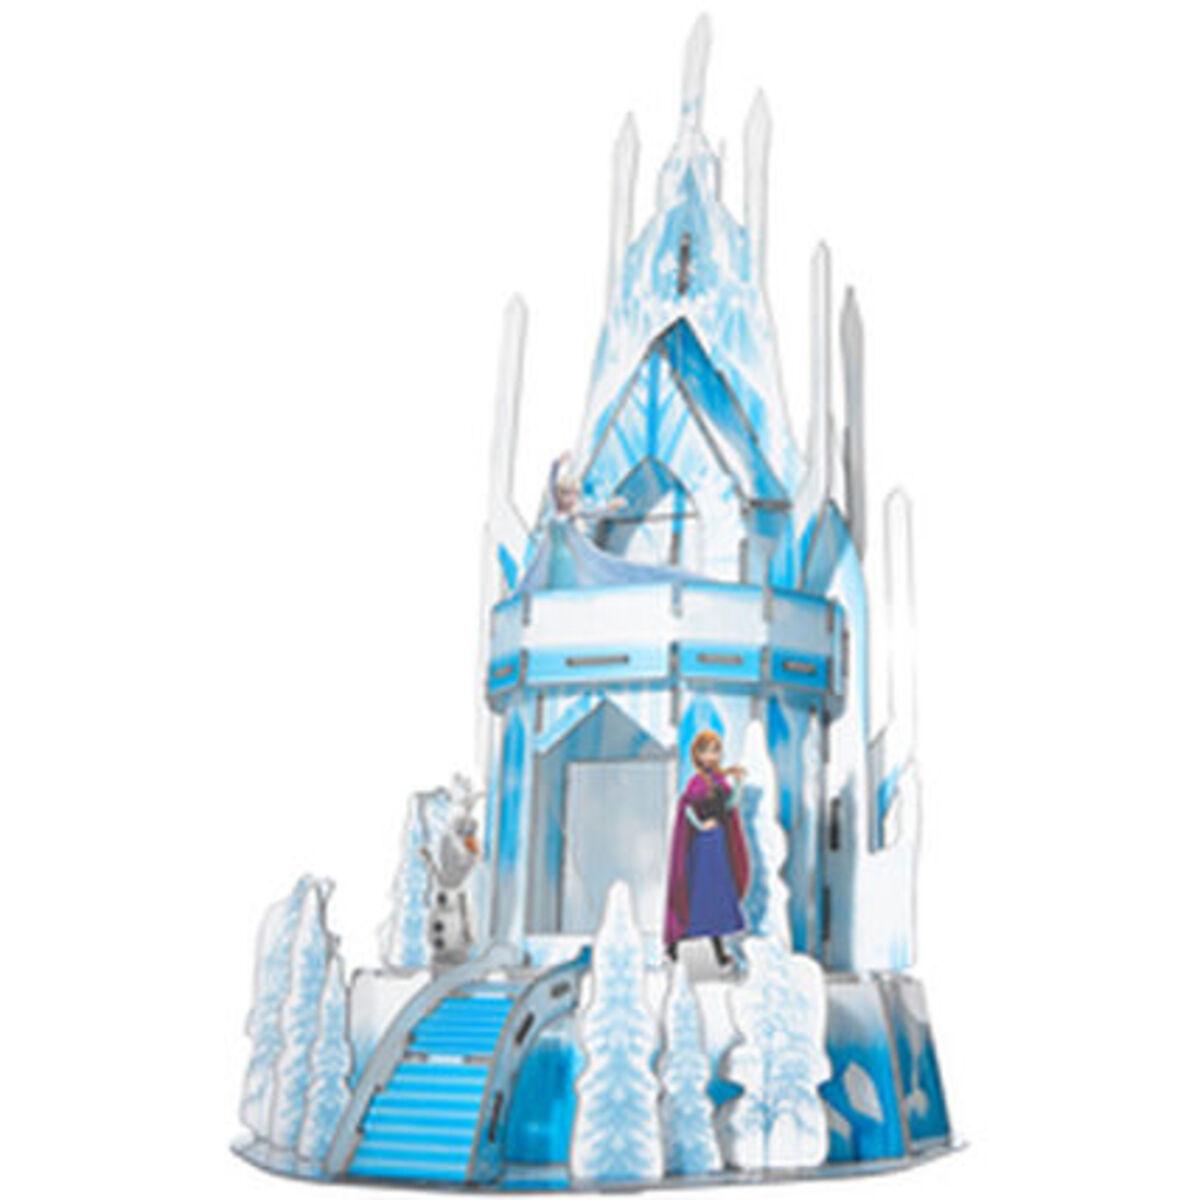 Bild 3 von Spin Master Frozen 2 Eis Palast 3D-Puzzle